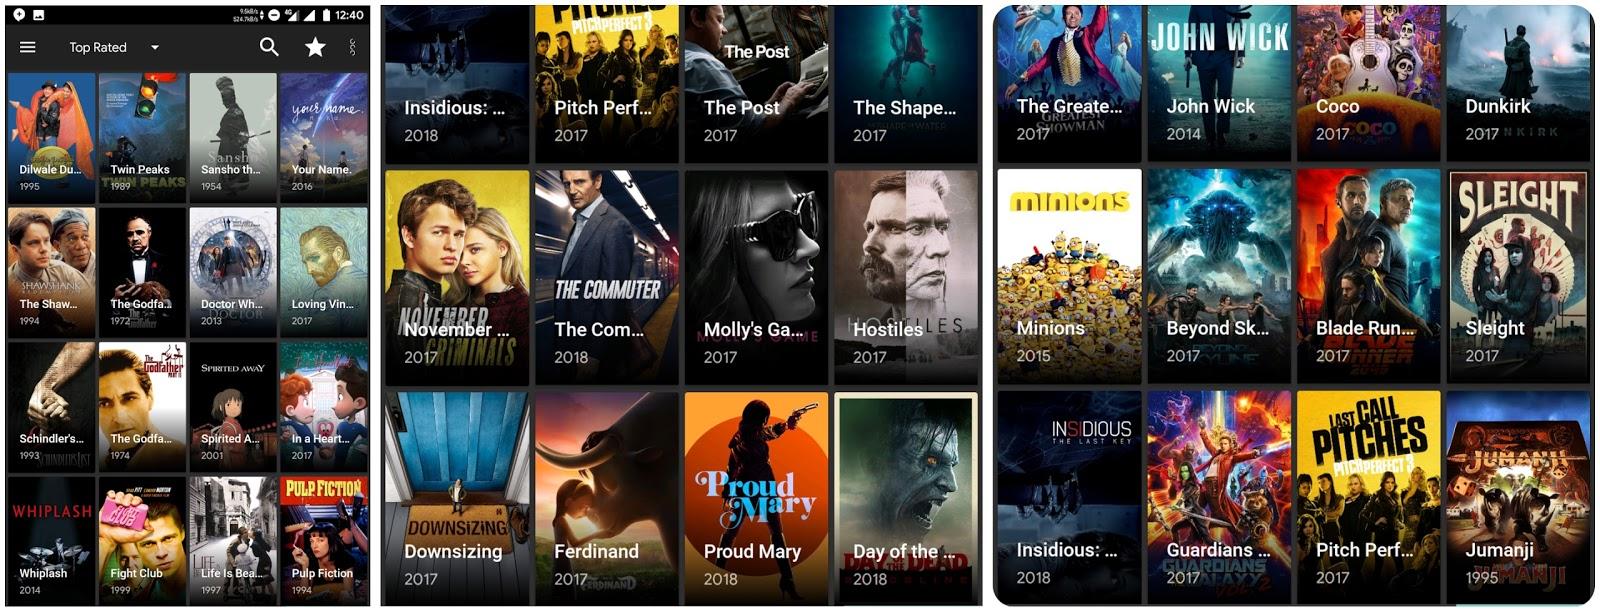 Terrarium Tv Apk - Download For Android | iOS | Windows PC